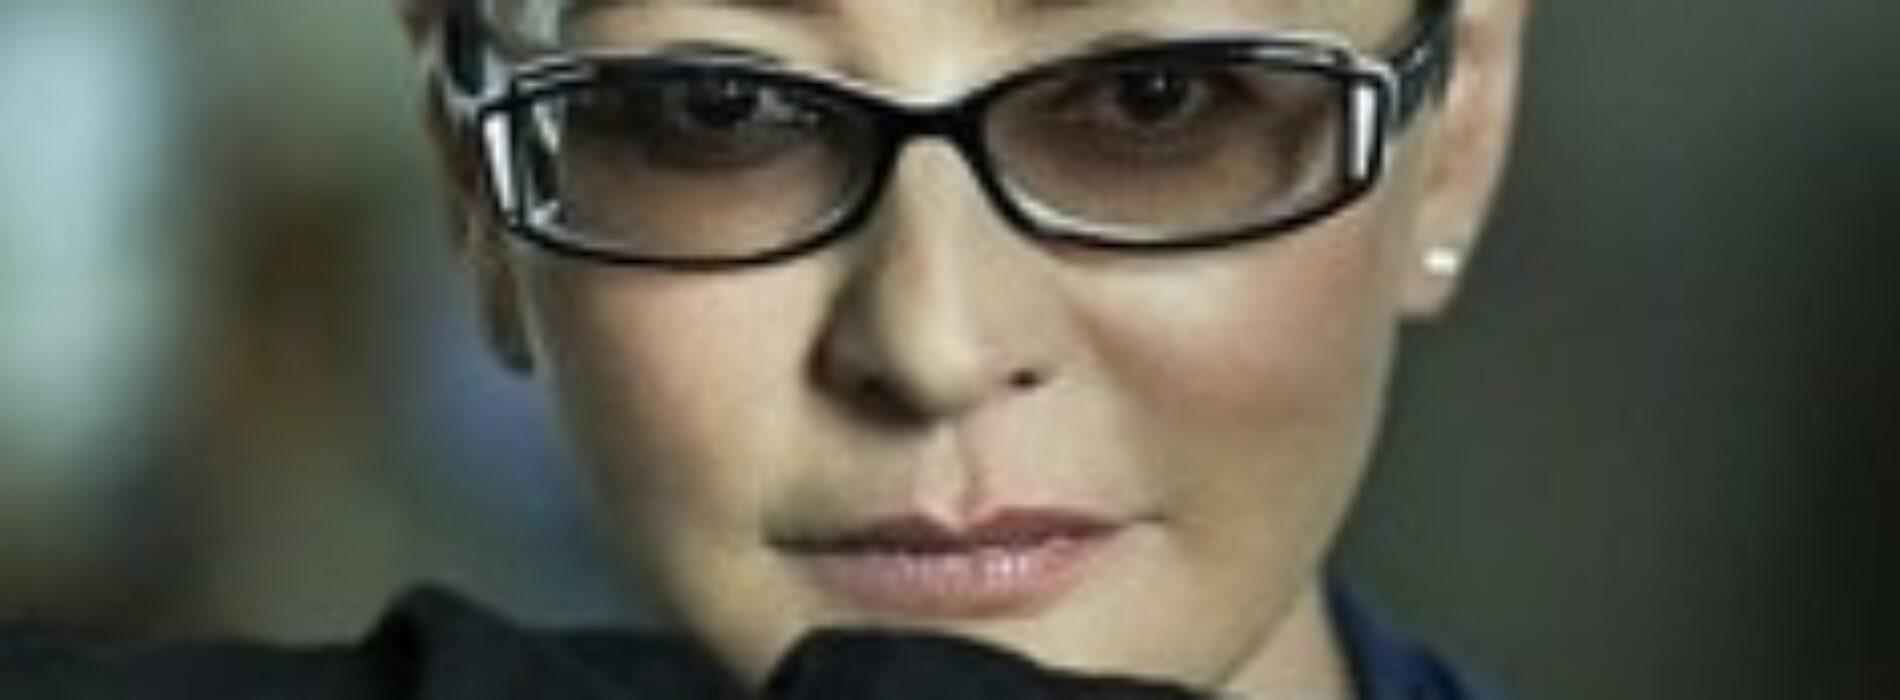 Ирина Хакамада о том, как побеждать в переговорах и противостоять манипуляциям